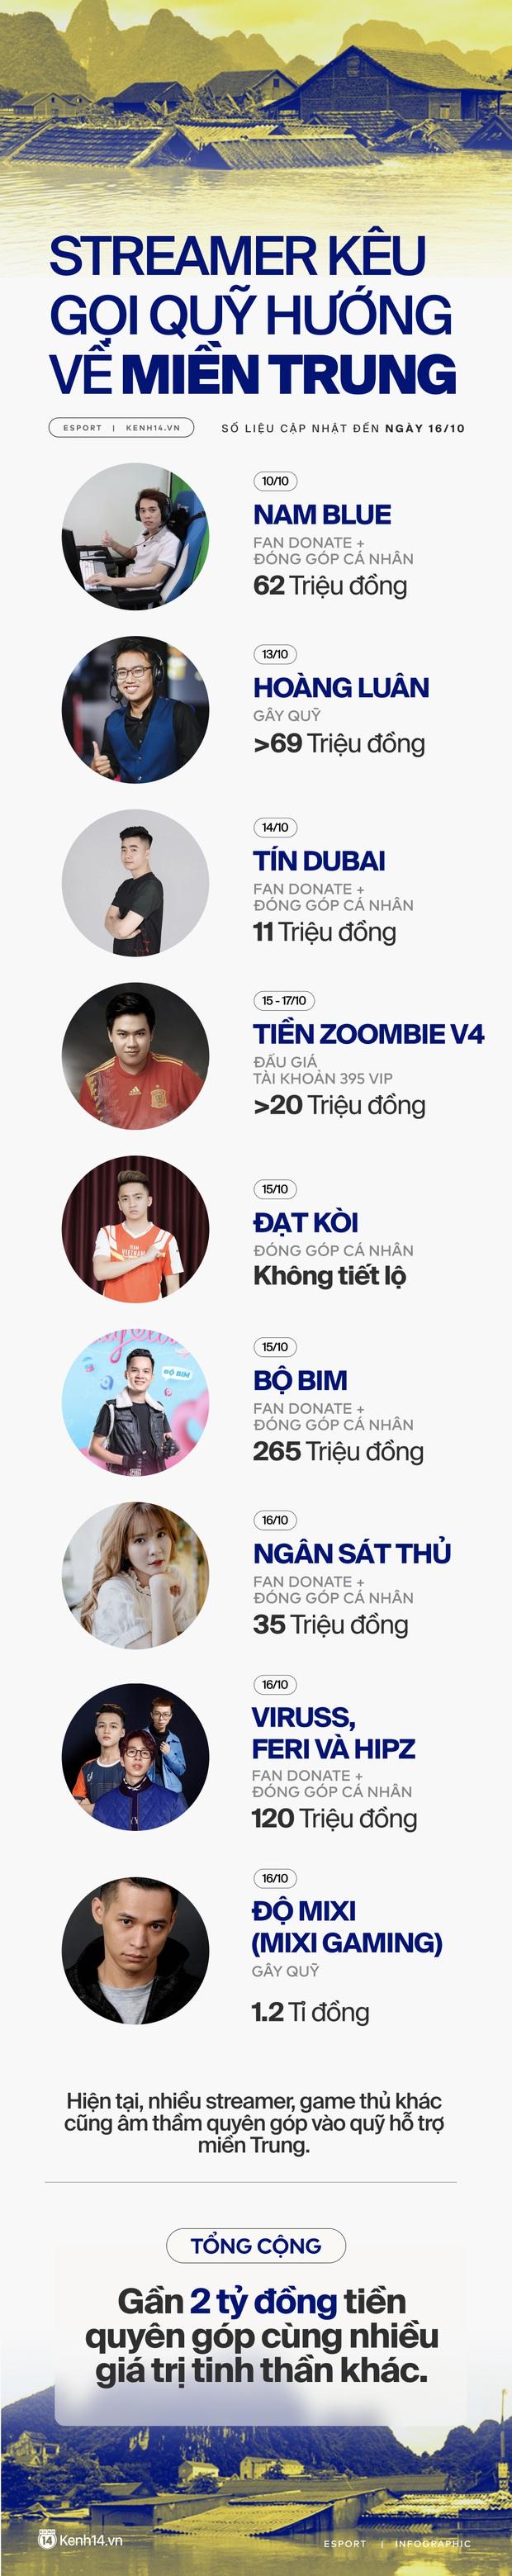 Không chỉ nghệ sĩ, những streamer Việt cũng nhiệt tình kêu gọi gần 2 tỷ đồng ủng hộ miền Trung - Ảnh 1.